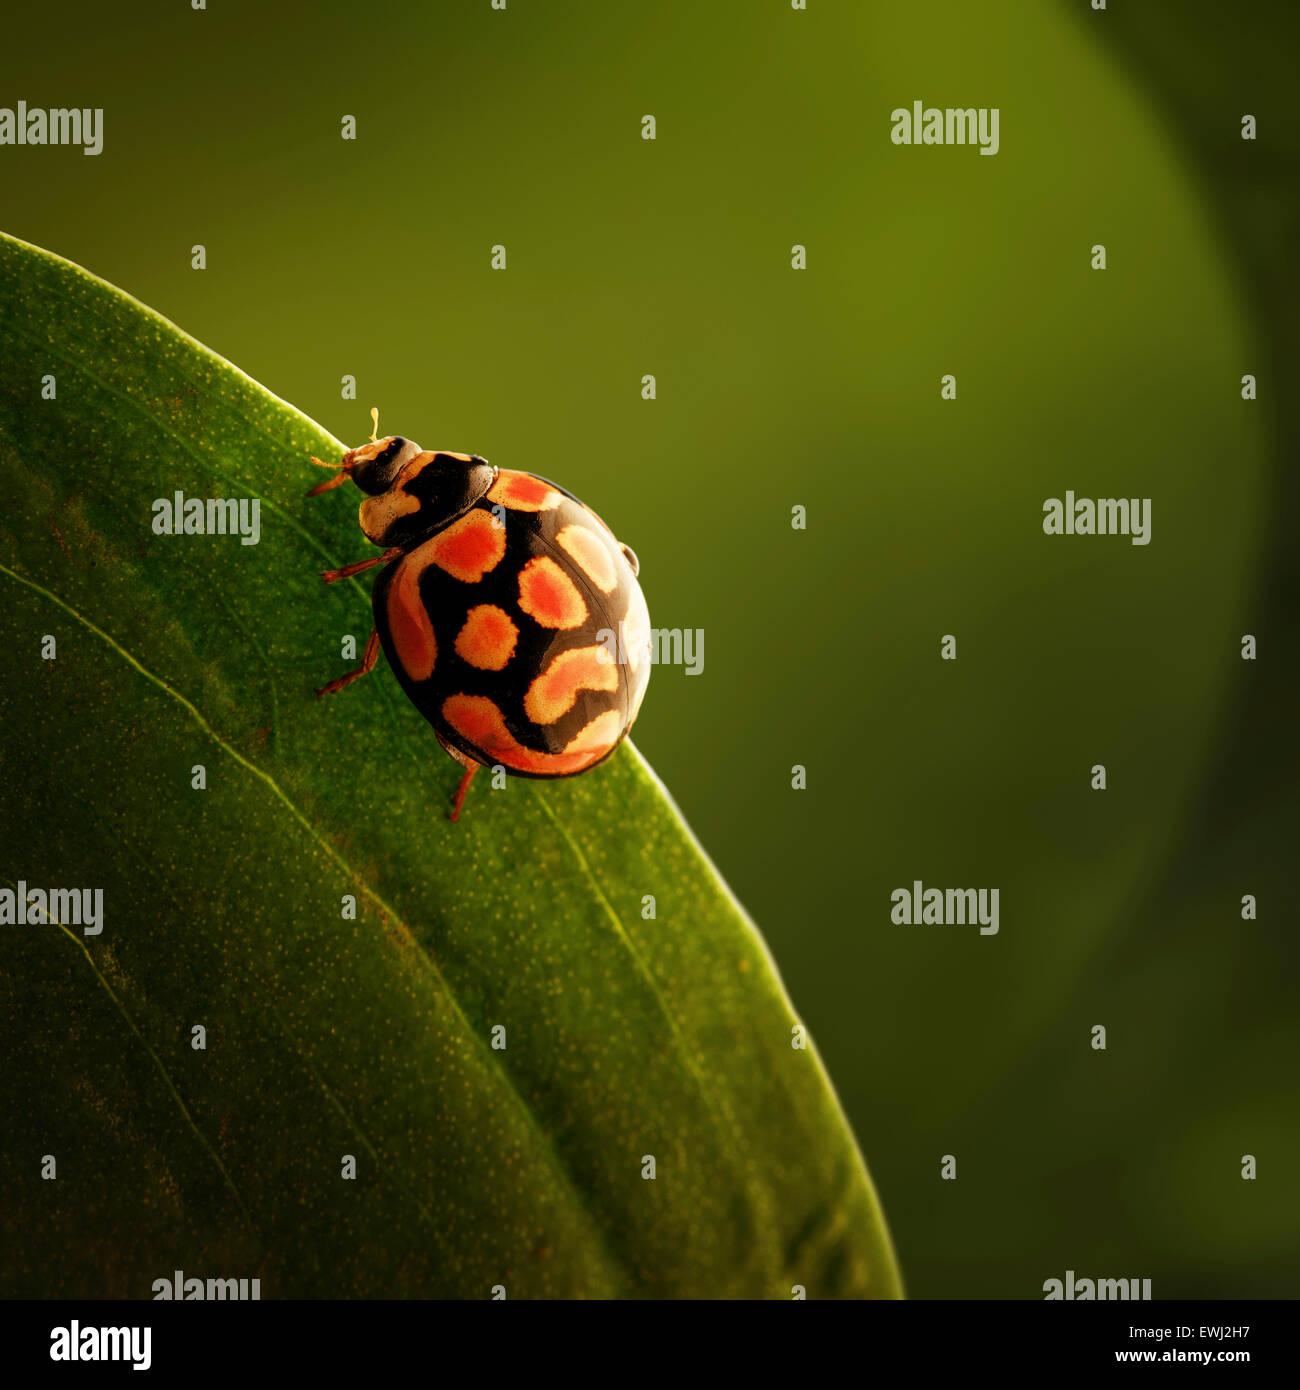 Coccinelle (coccinelle) ramper sur le bord d'une feuille verte de l'Afrique du Sud (Mpumalanga) - Photo Stock